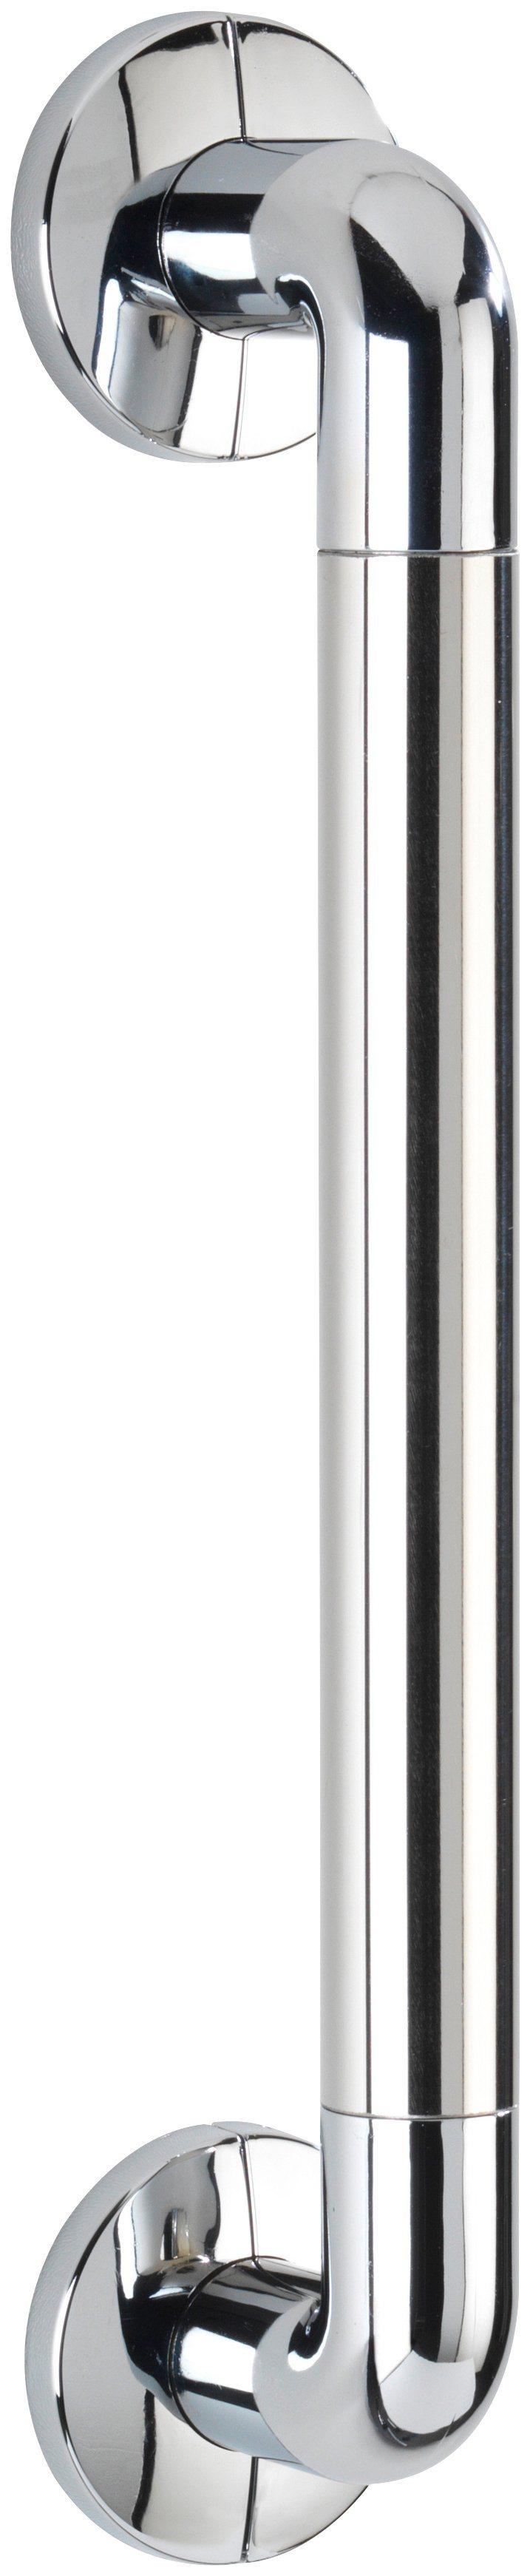 WENKO Wanneneinstiegshilfe »Secura «, Breite 64,5 cm | Bad > Bad-Accessoires > Haltegriffe | WENKO